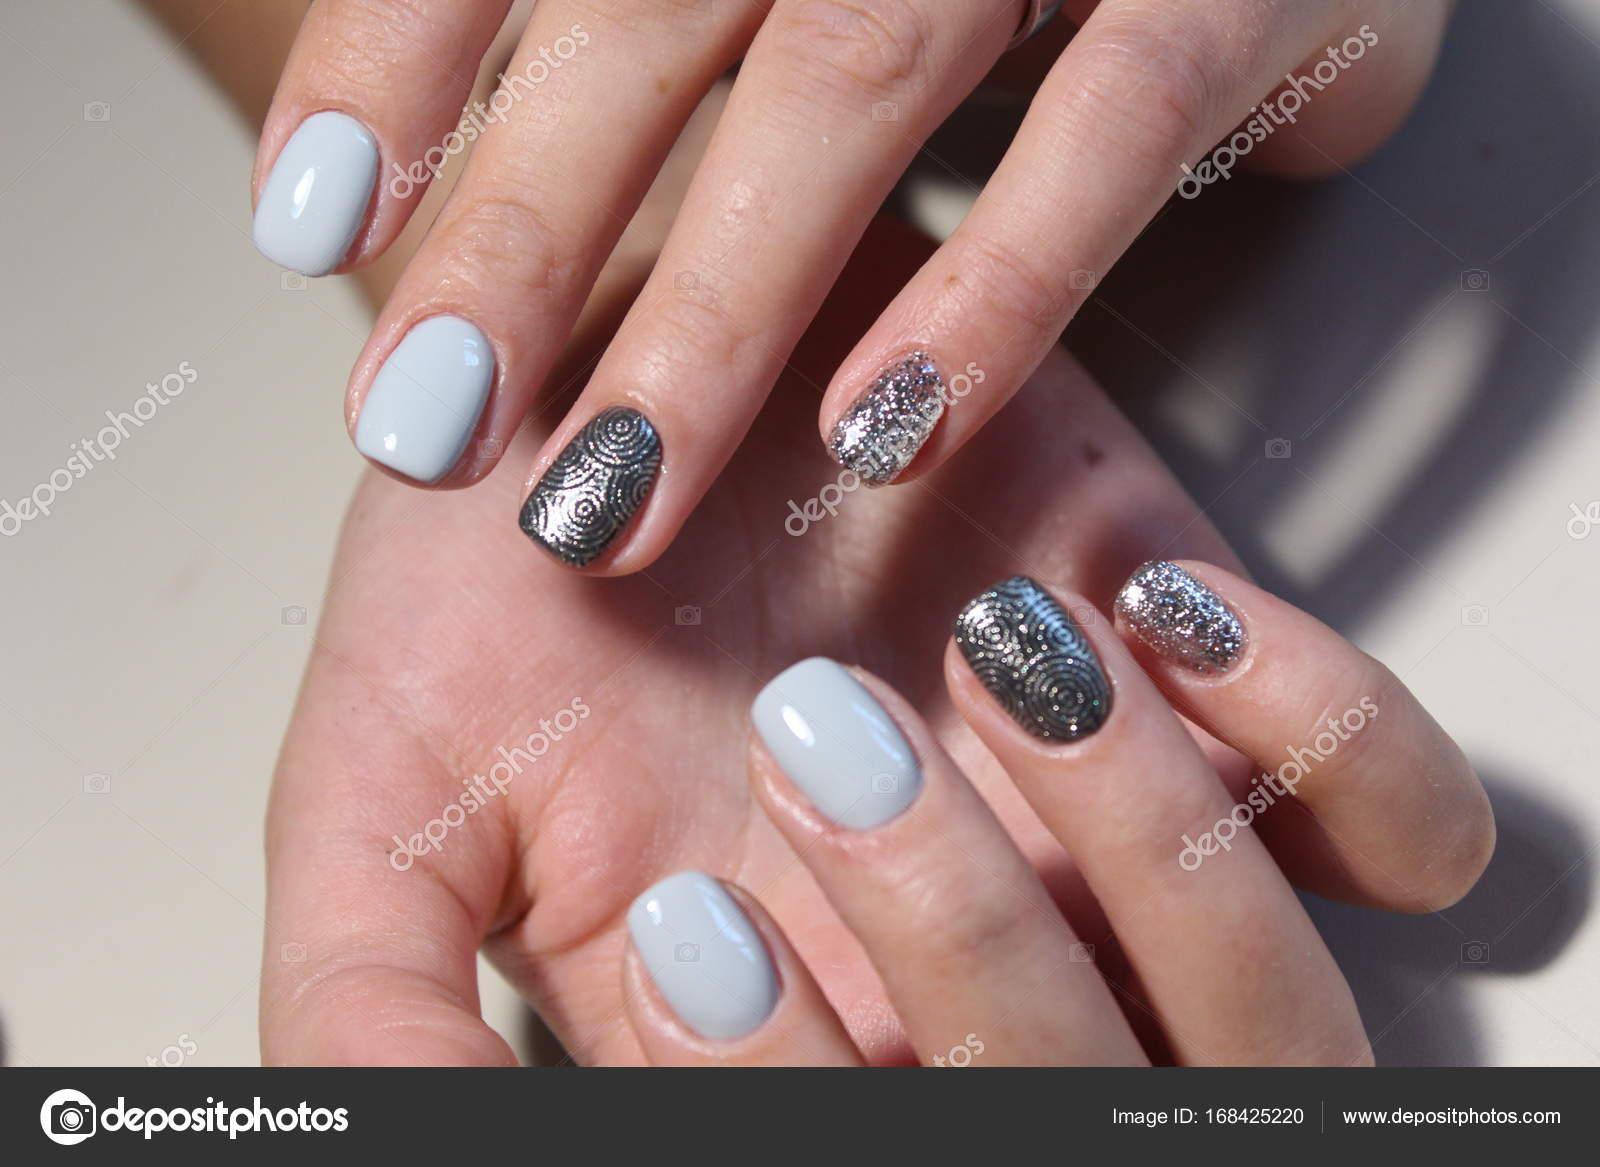 Zartes Design Maniküre für lange Nägel — Stockfoto © SmirMaxStock ...